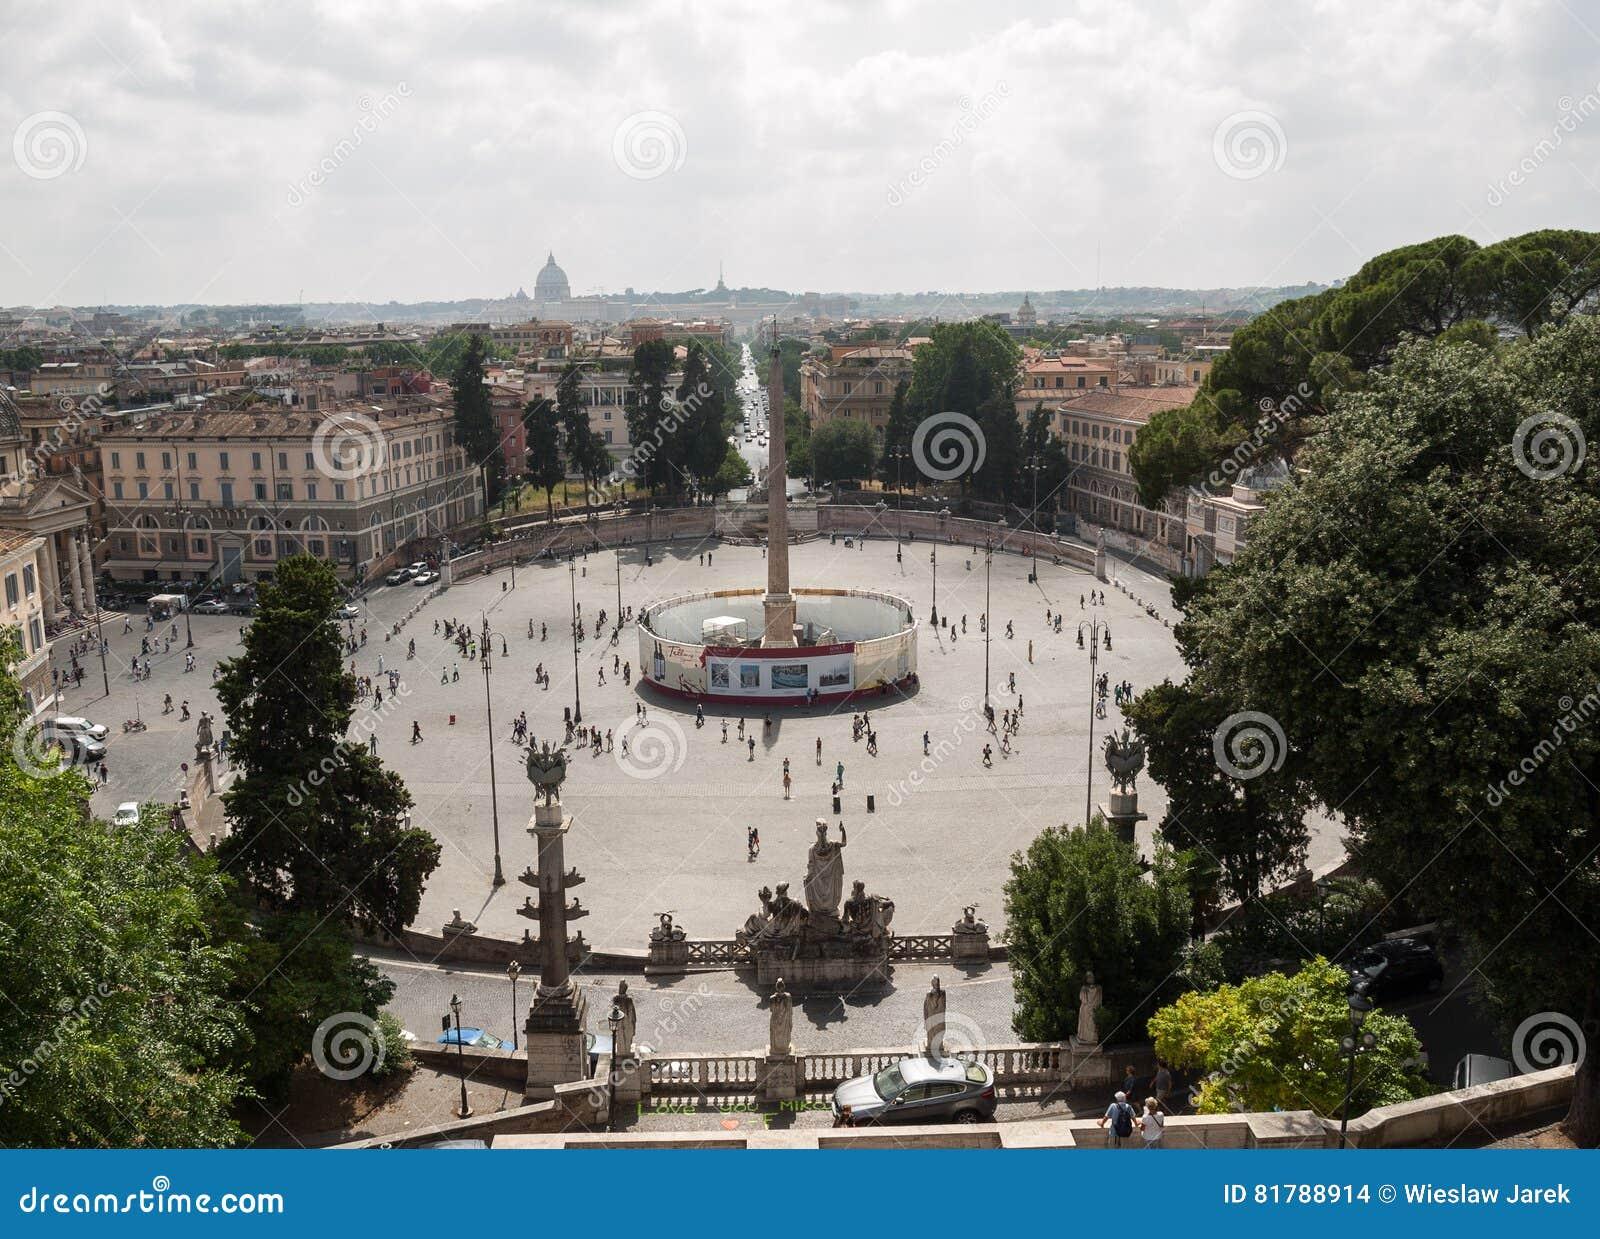 Piazza del Popolo view from Pincio terrace in Rome.